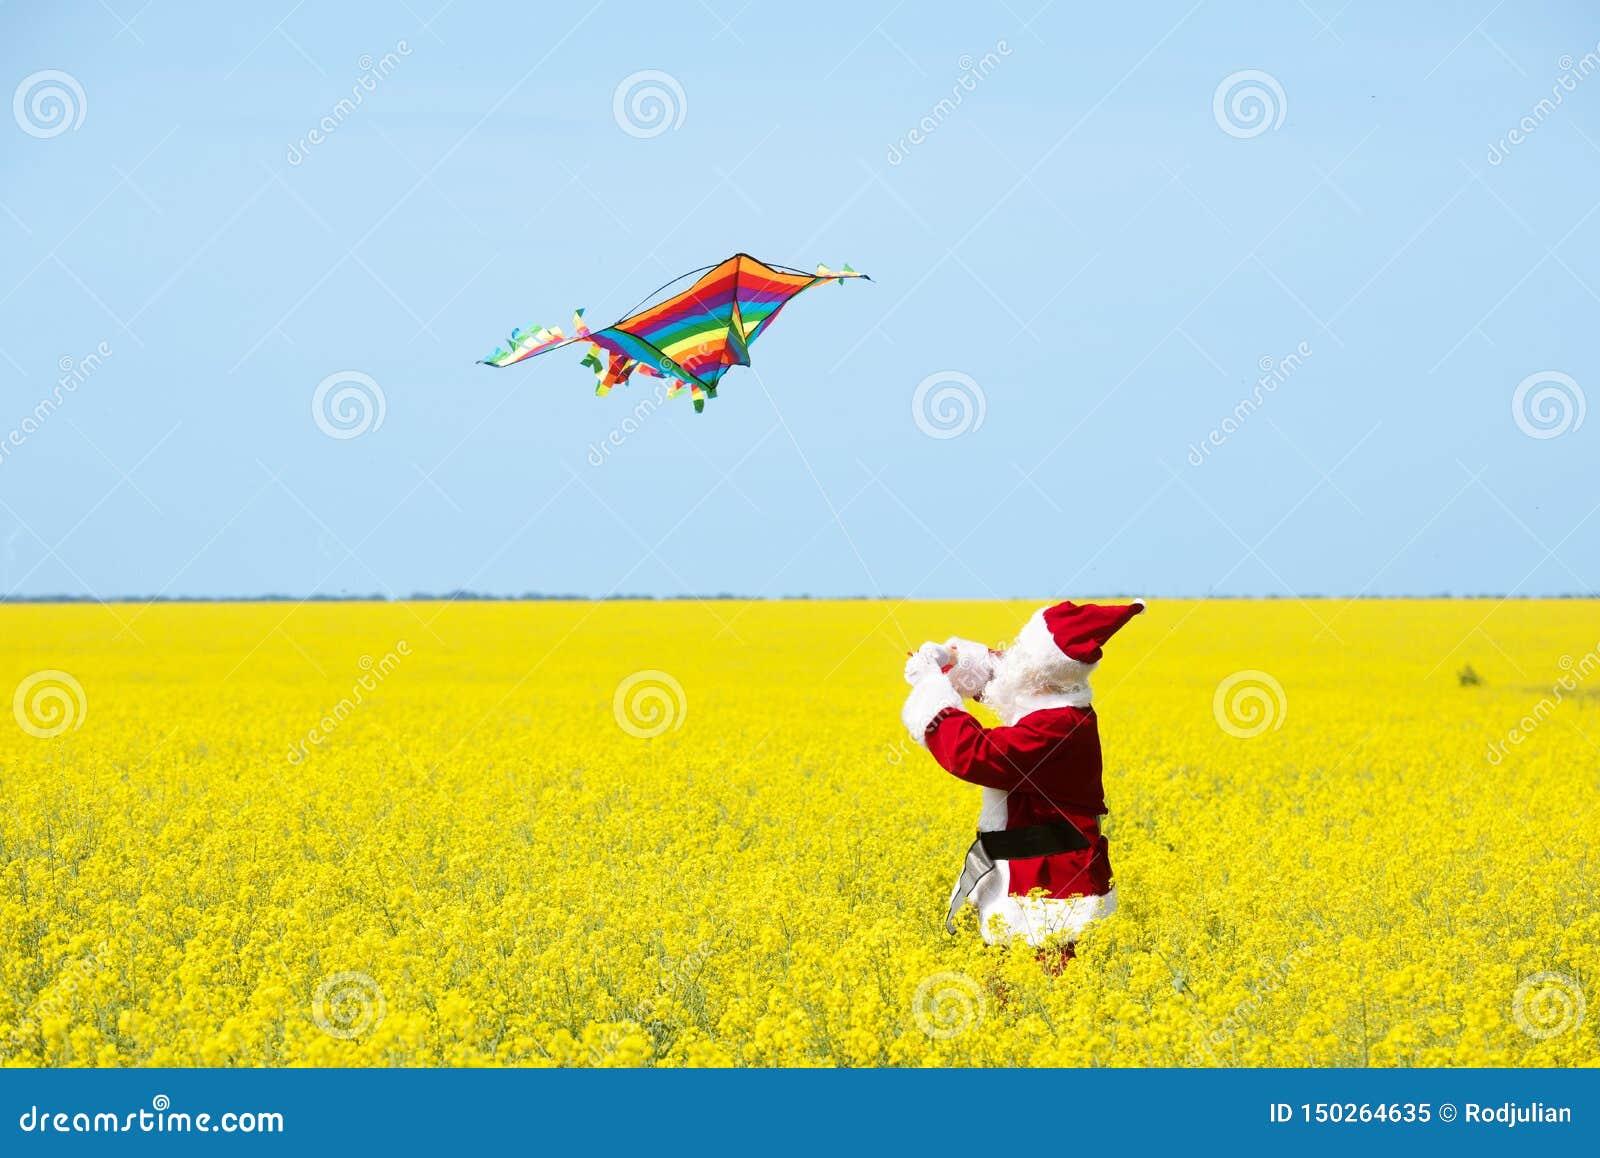 Noël Santa Claus jeter un cerf-volant dans le domaine jaune de floraison